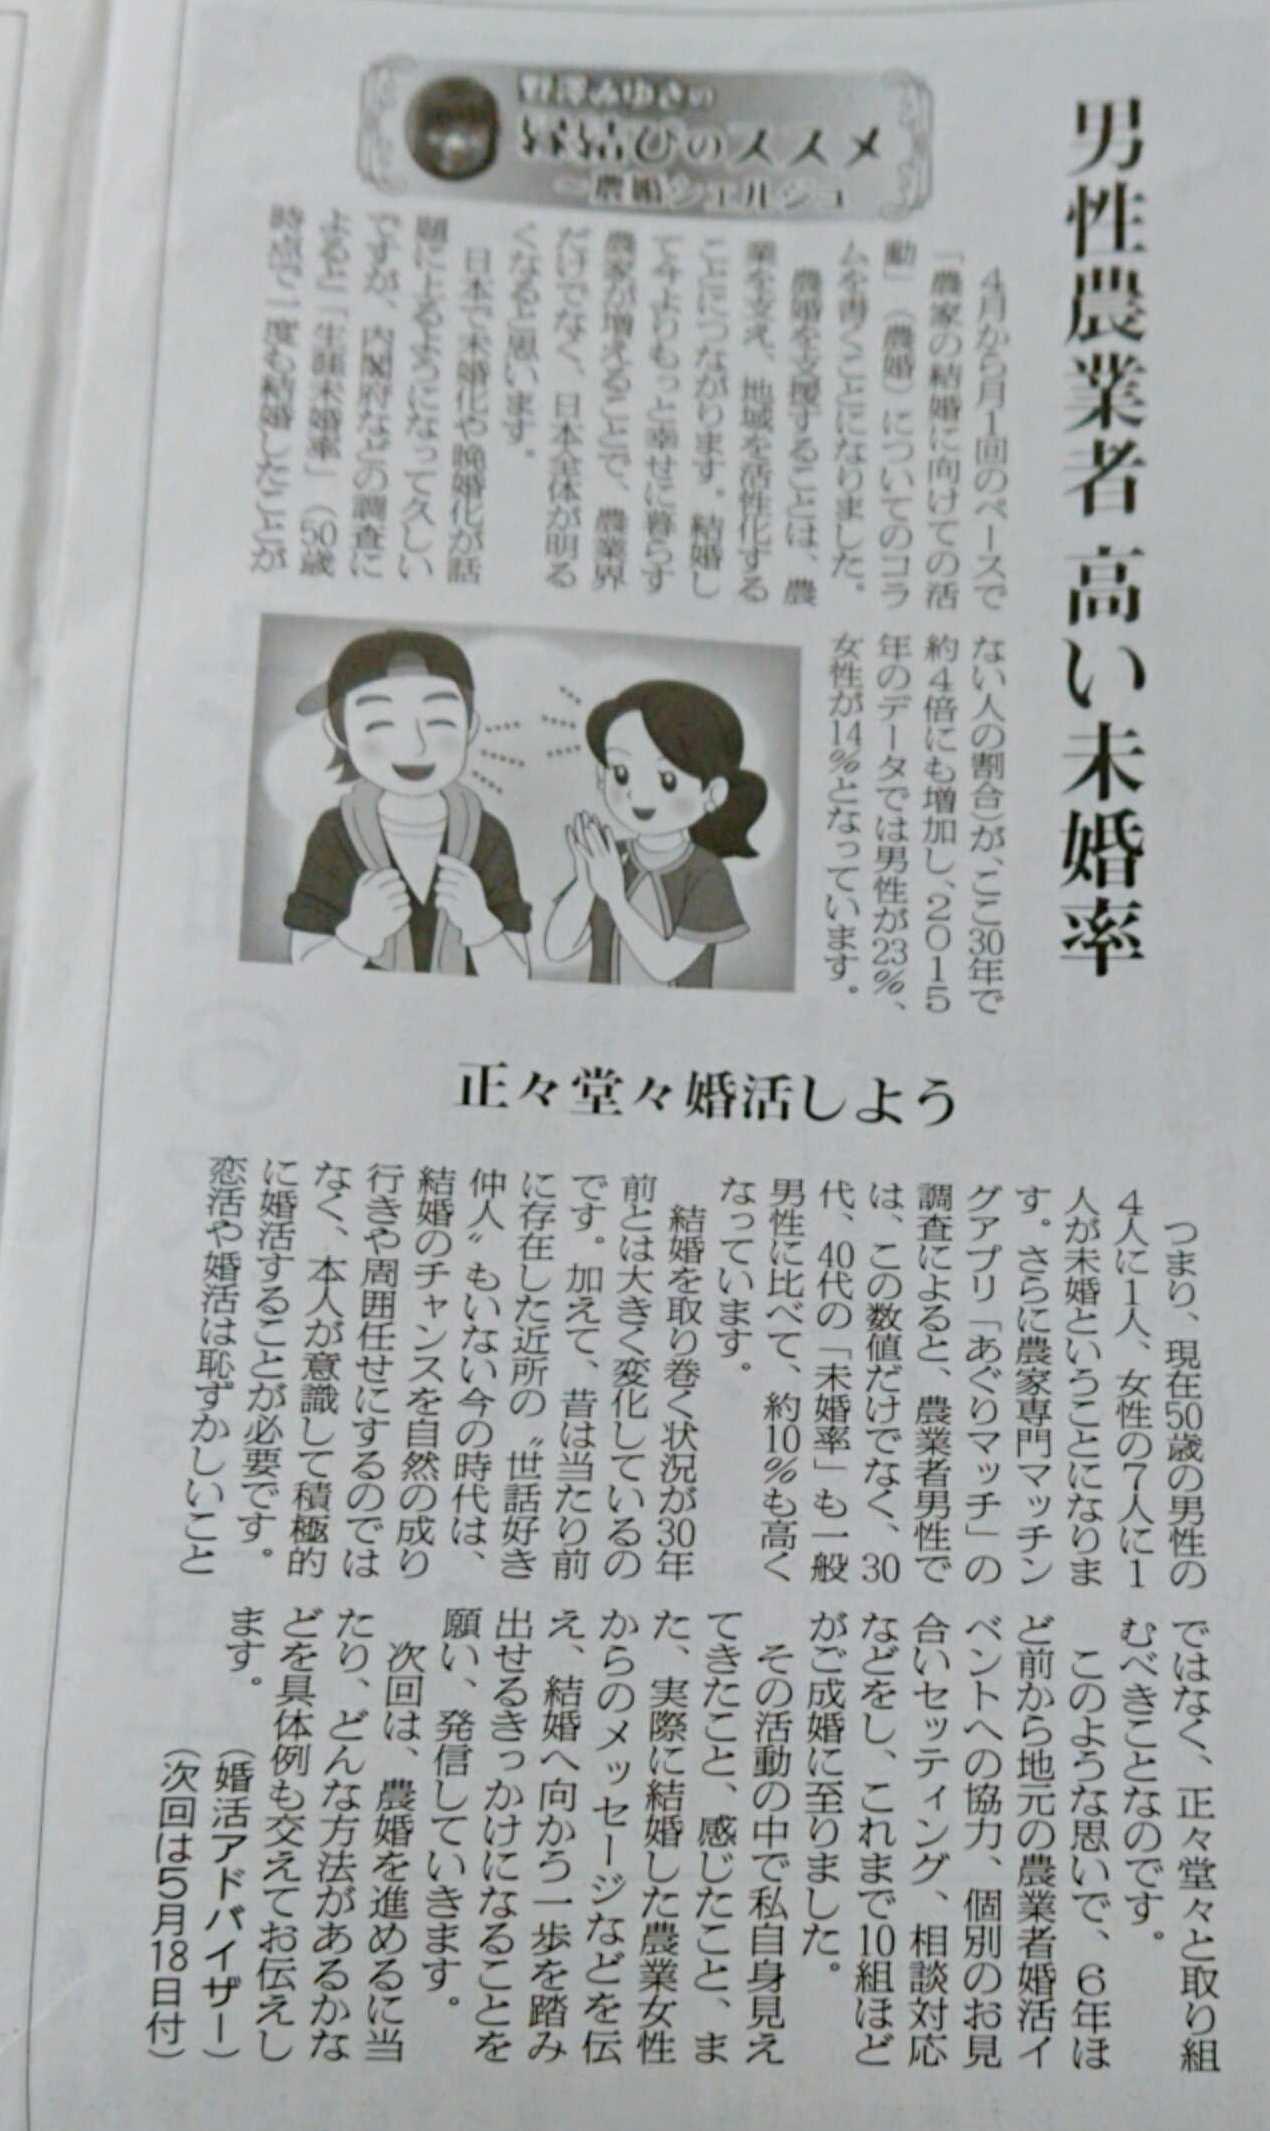 日本農業新聞 4/20 あぐりマッチ